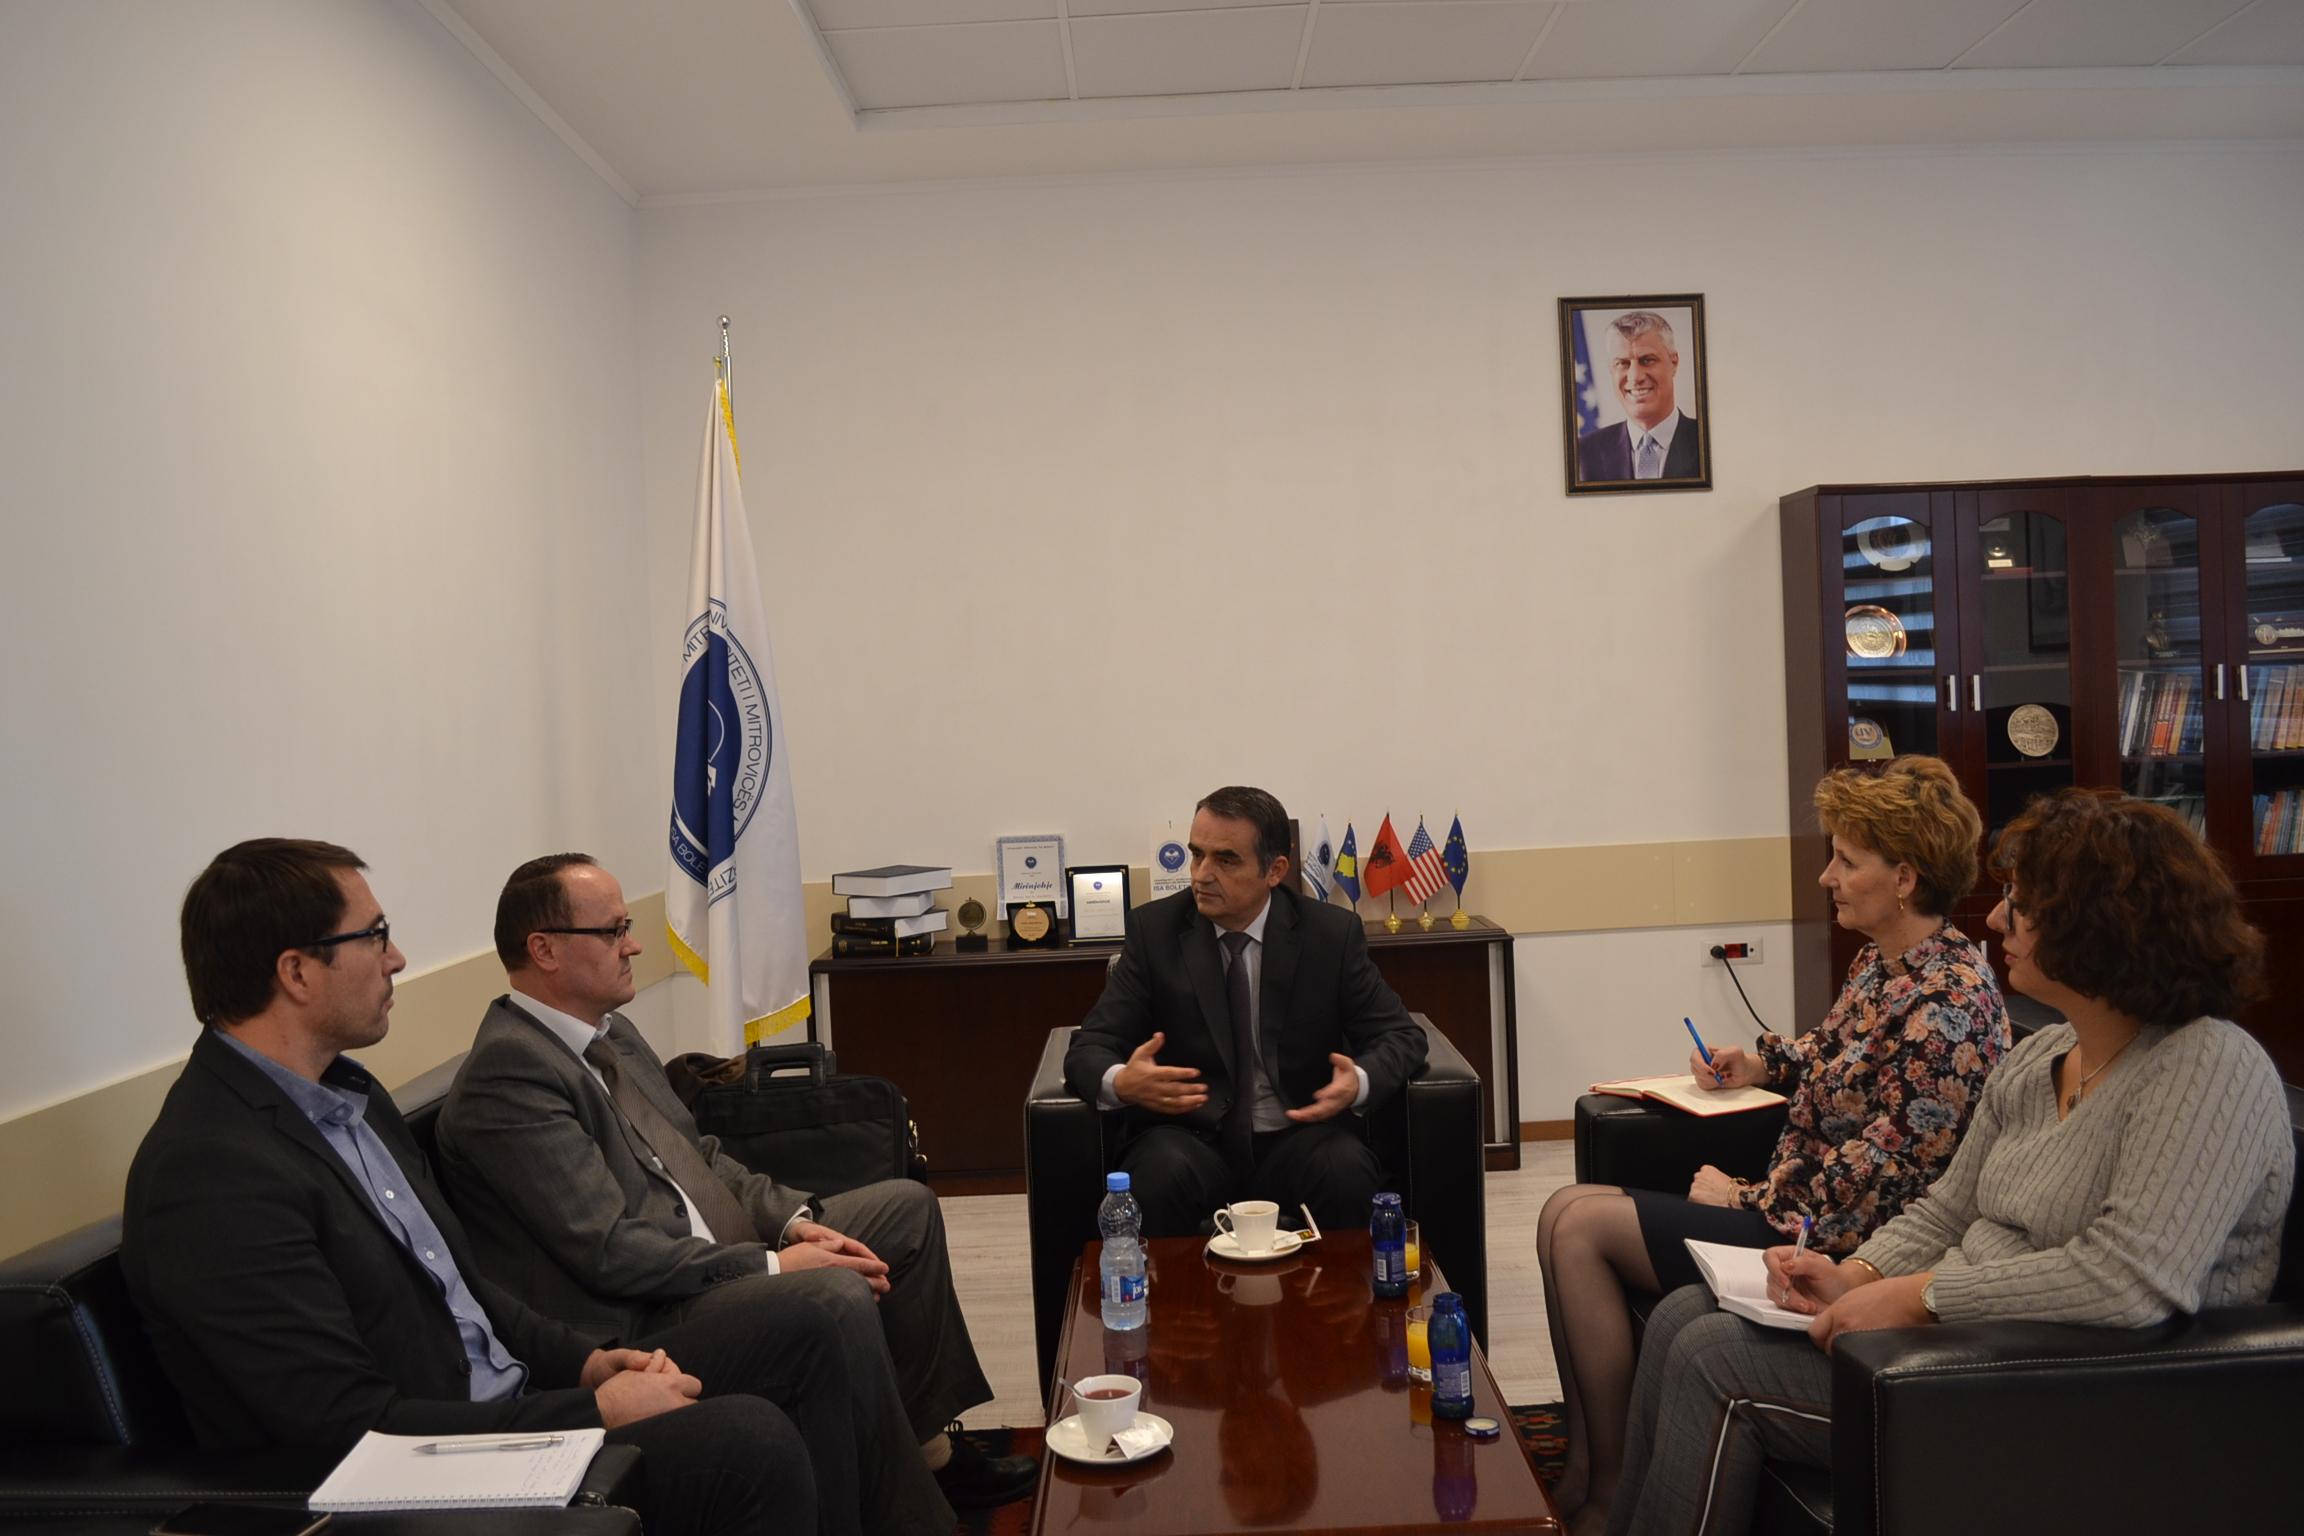 Udhëheqësit e projektit HERAS vizituan UMIB-in